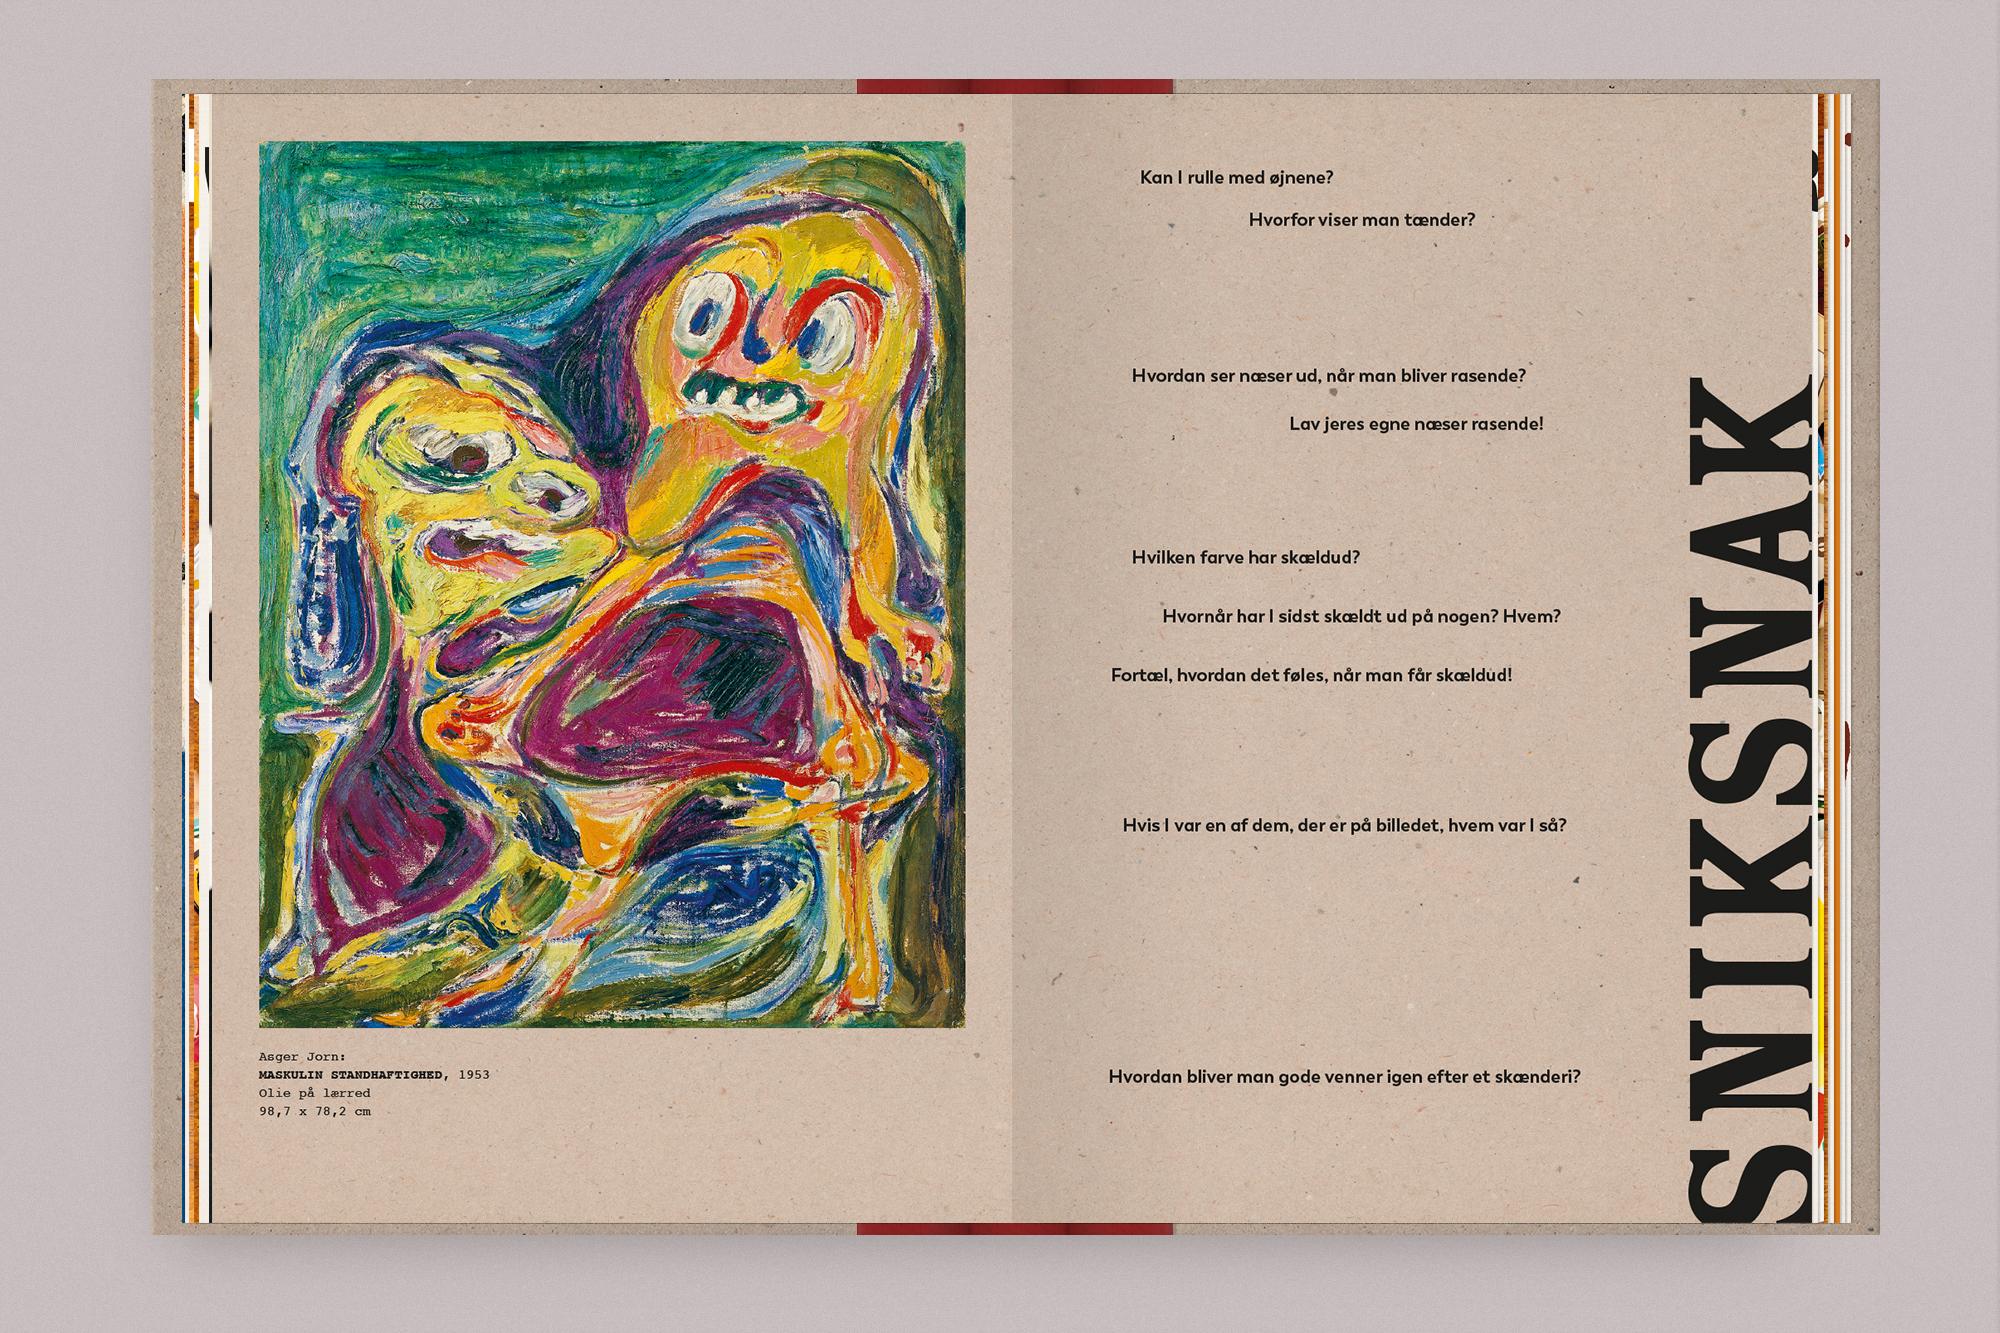 100-eksperimenter-asger-jorn-bogdesign-grafisk-museum-malene-hald-34